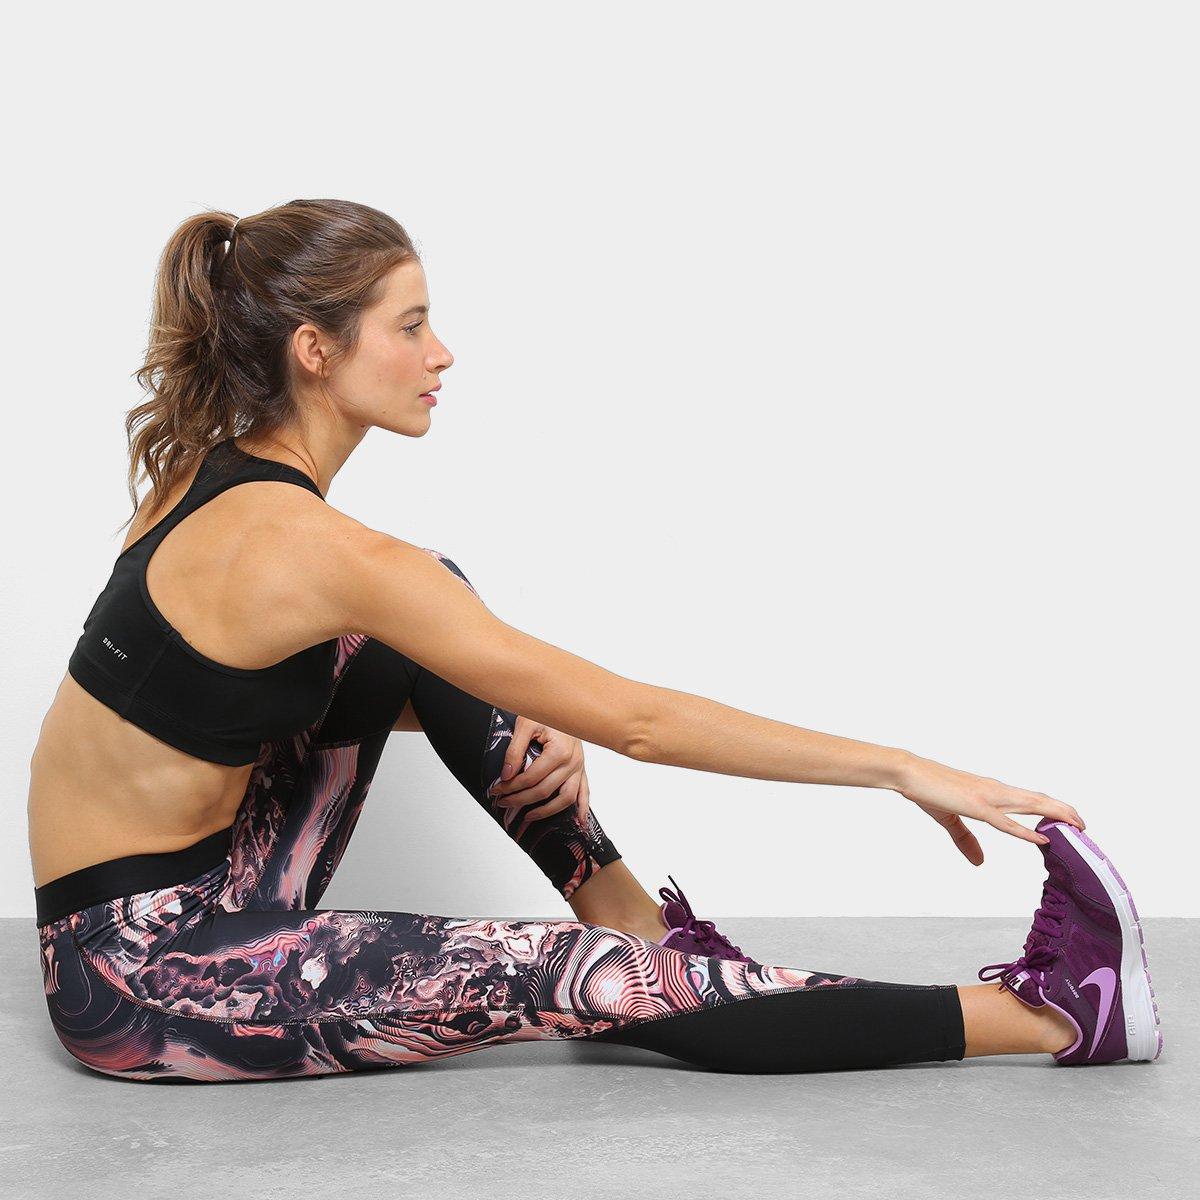 Coral Coral Nike Calça Calça Nike Print Feminina Tight wxOzq0a